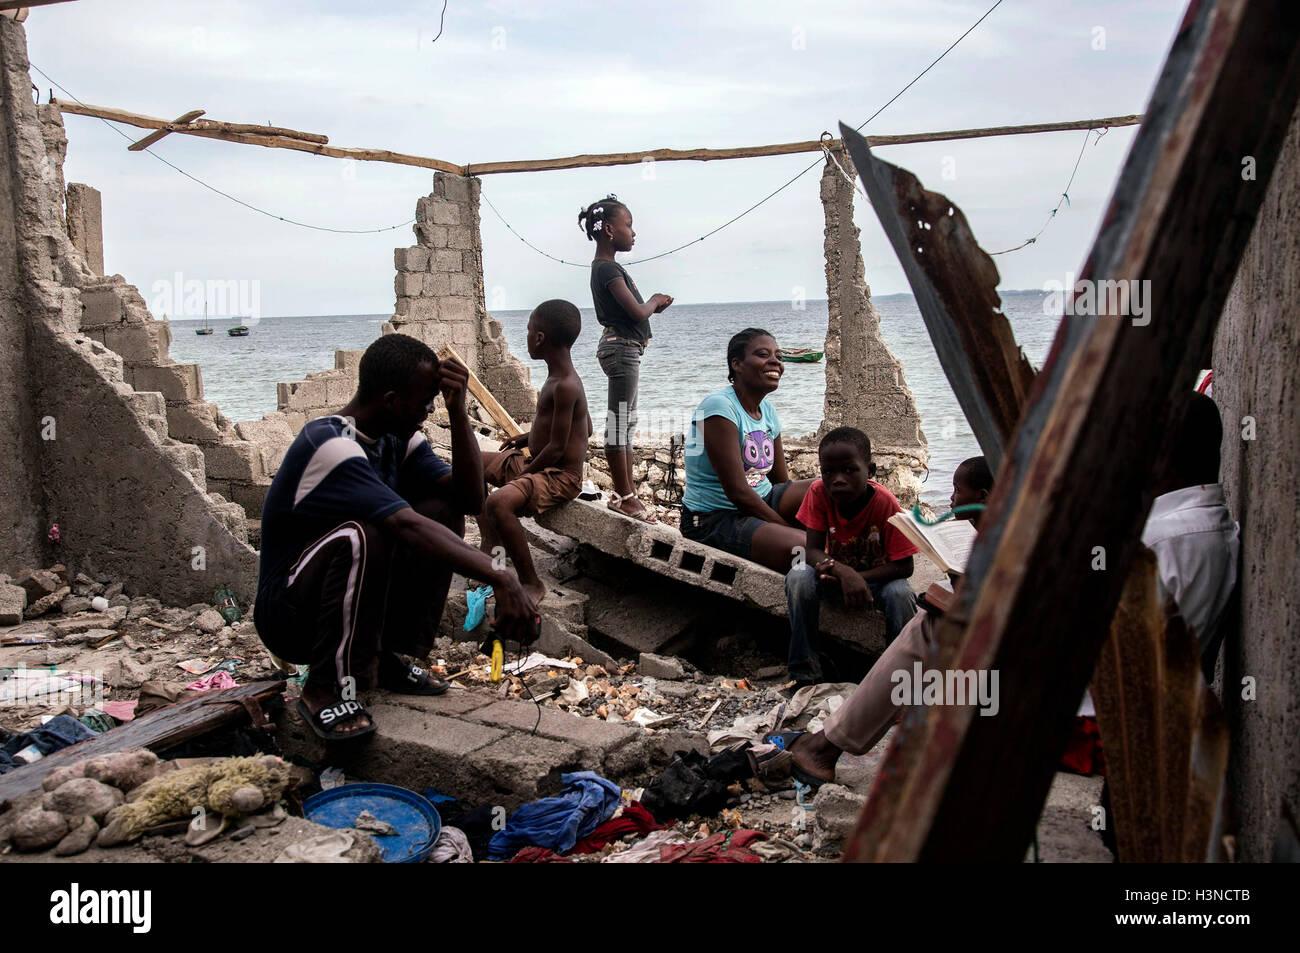 Les Cayes, Haïti. 9 octobre, 2016. Image fournie par l'Organisation des Nations Unies pour l'enfance Photo Stock